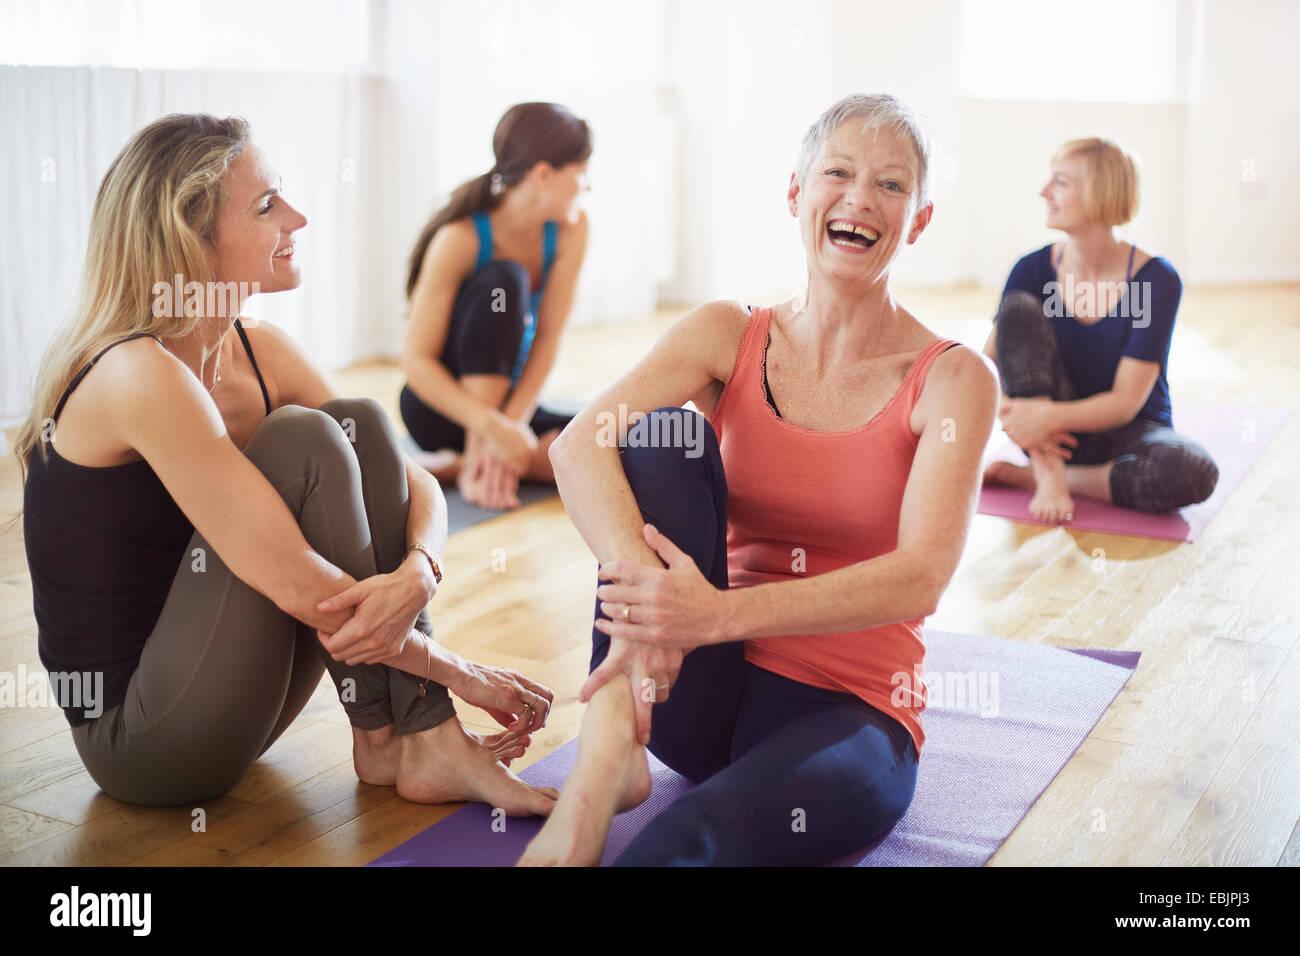 Cuatro mujeres sentadas en el suelo en clase de pilates Imagen De Stock